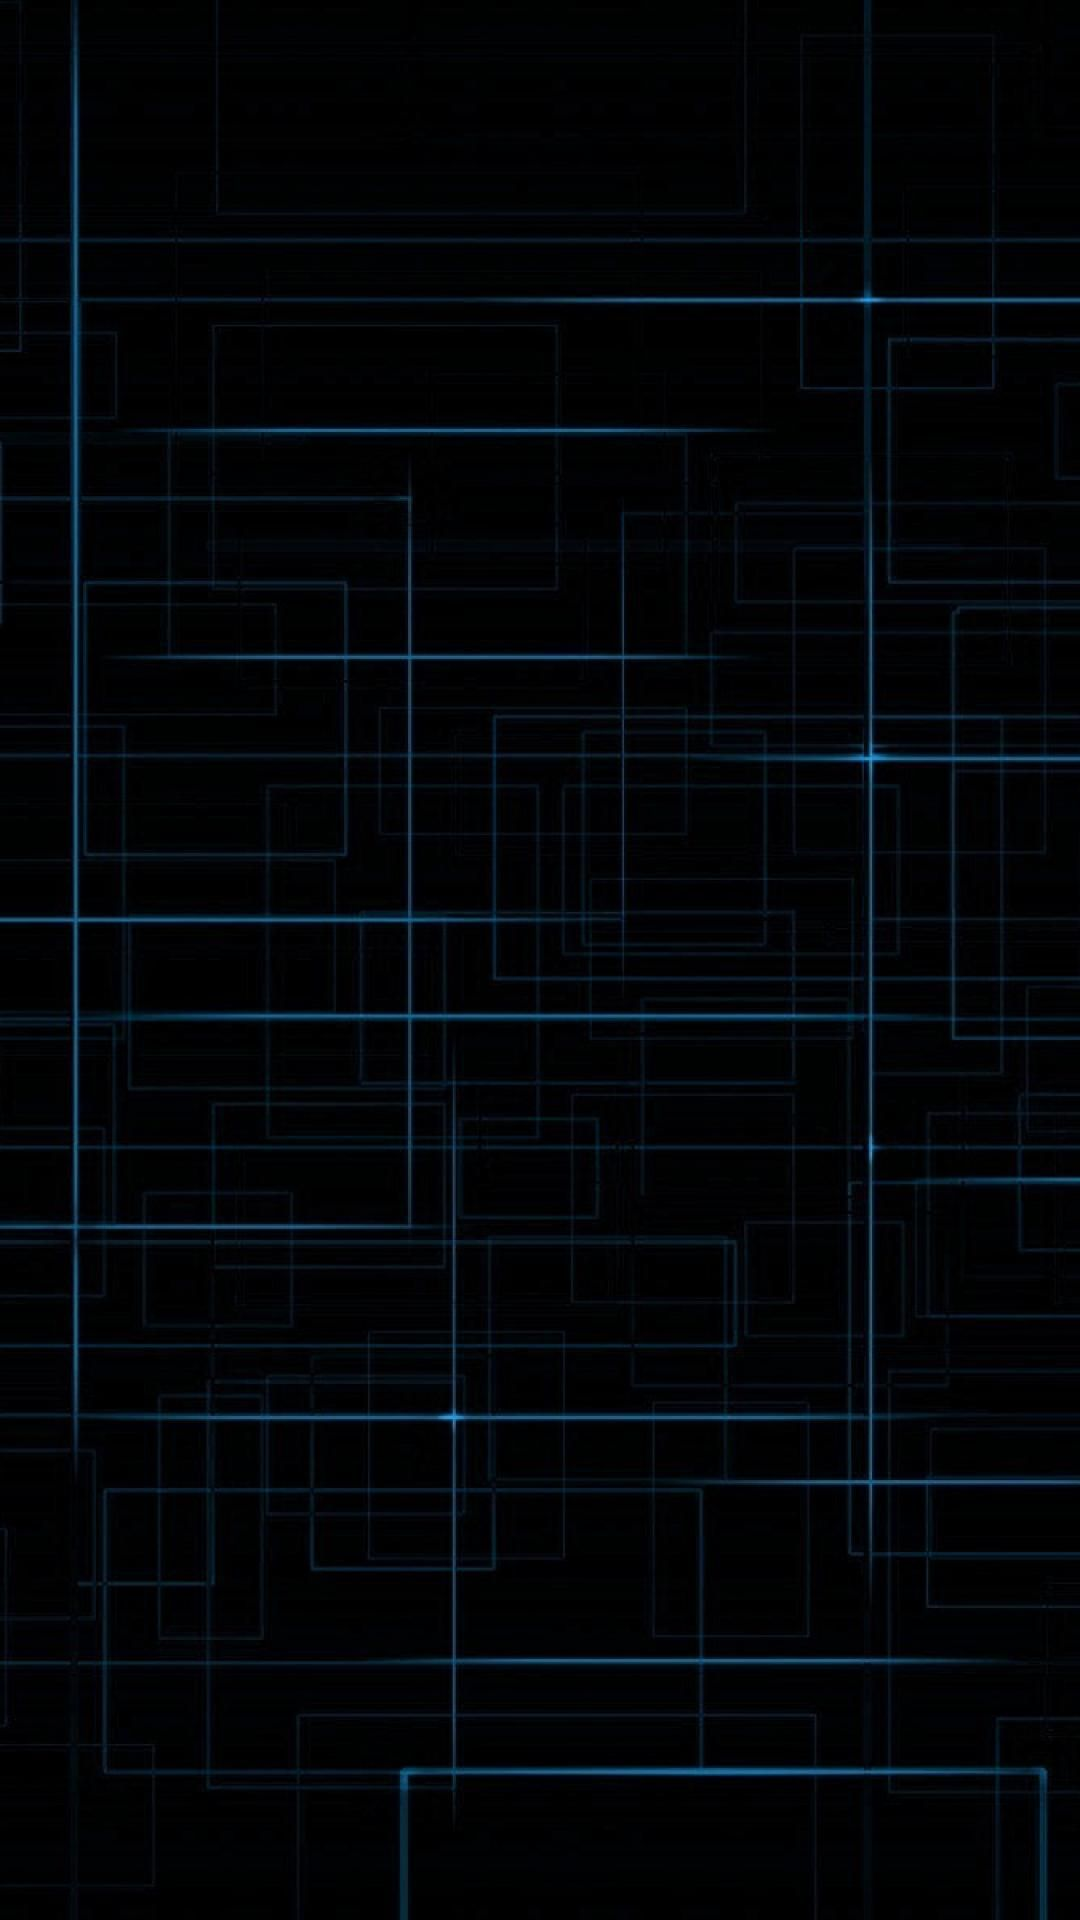 Full Hd Dark Blue Wallpaper For Mobile